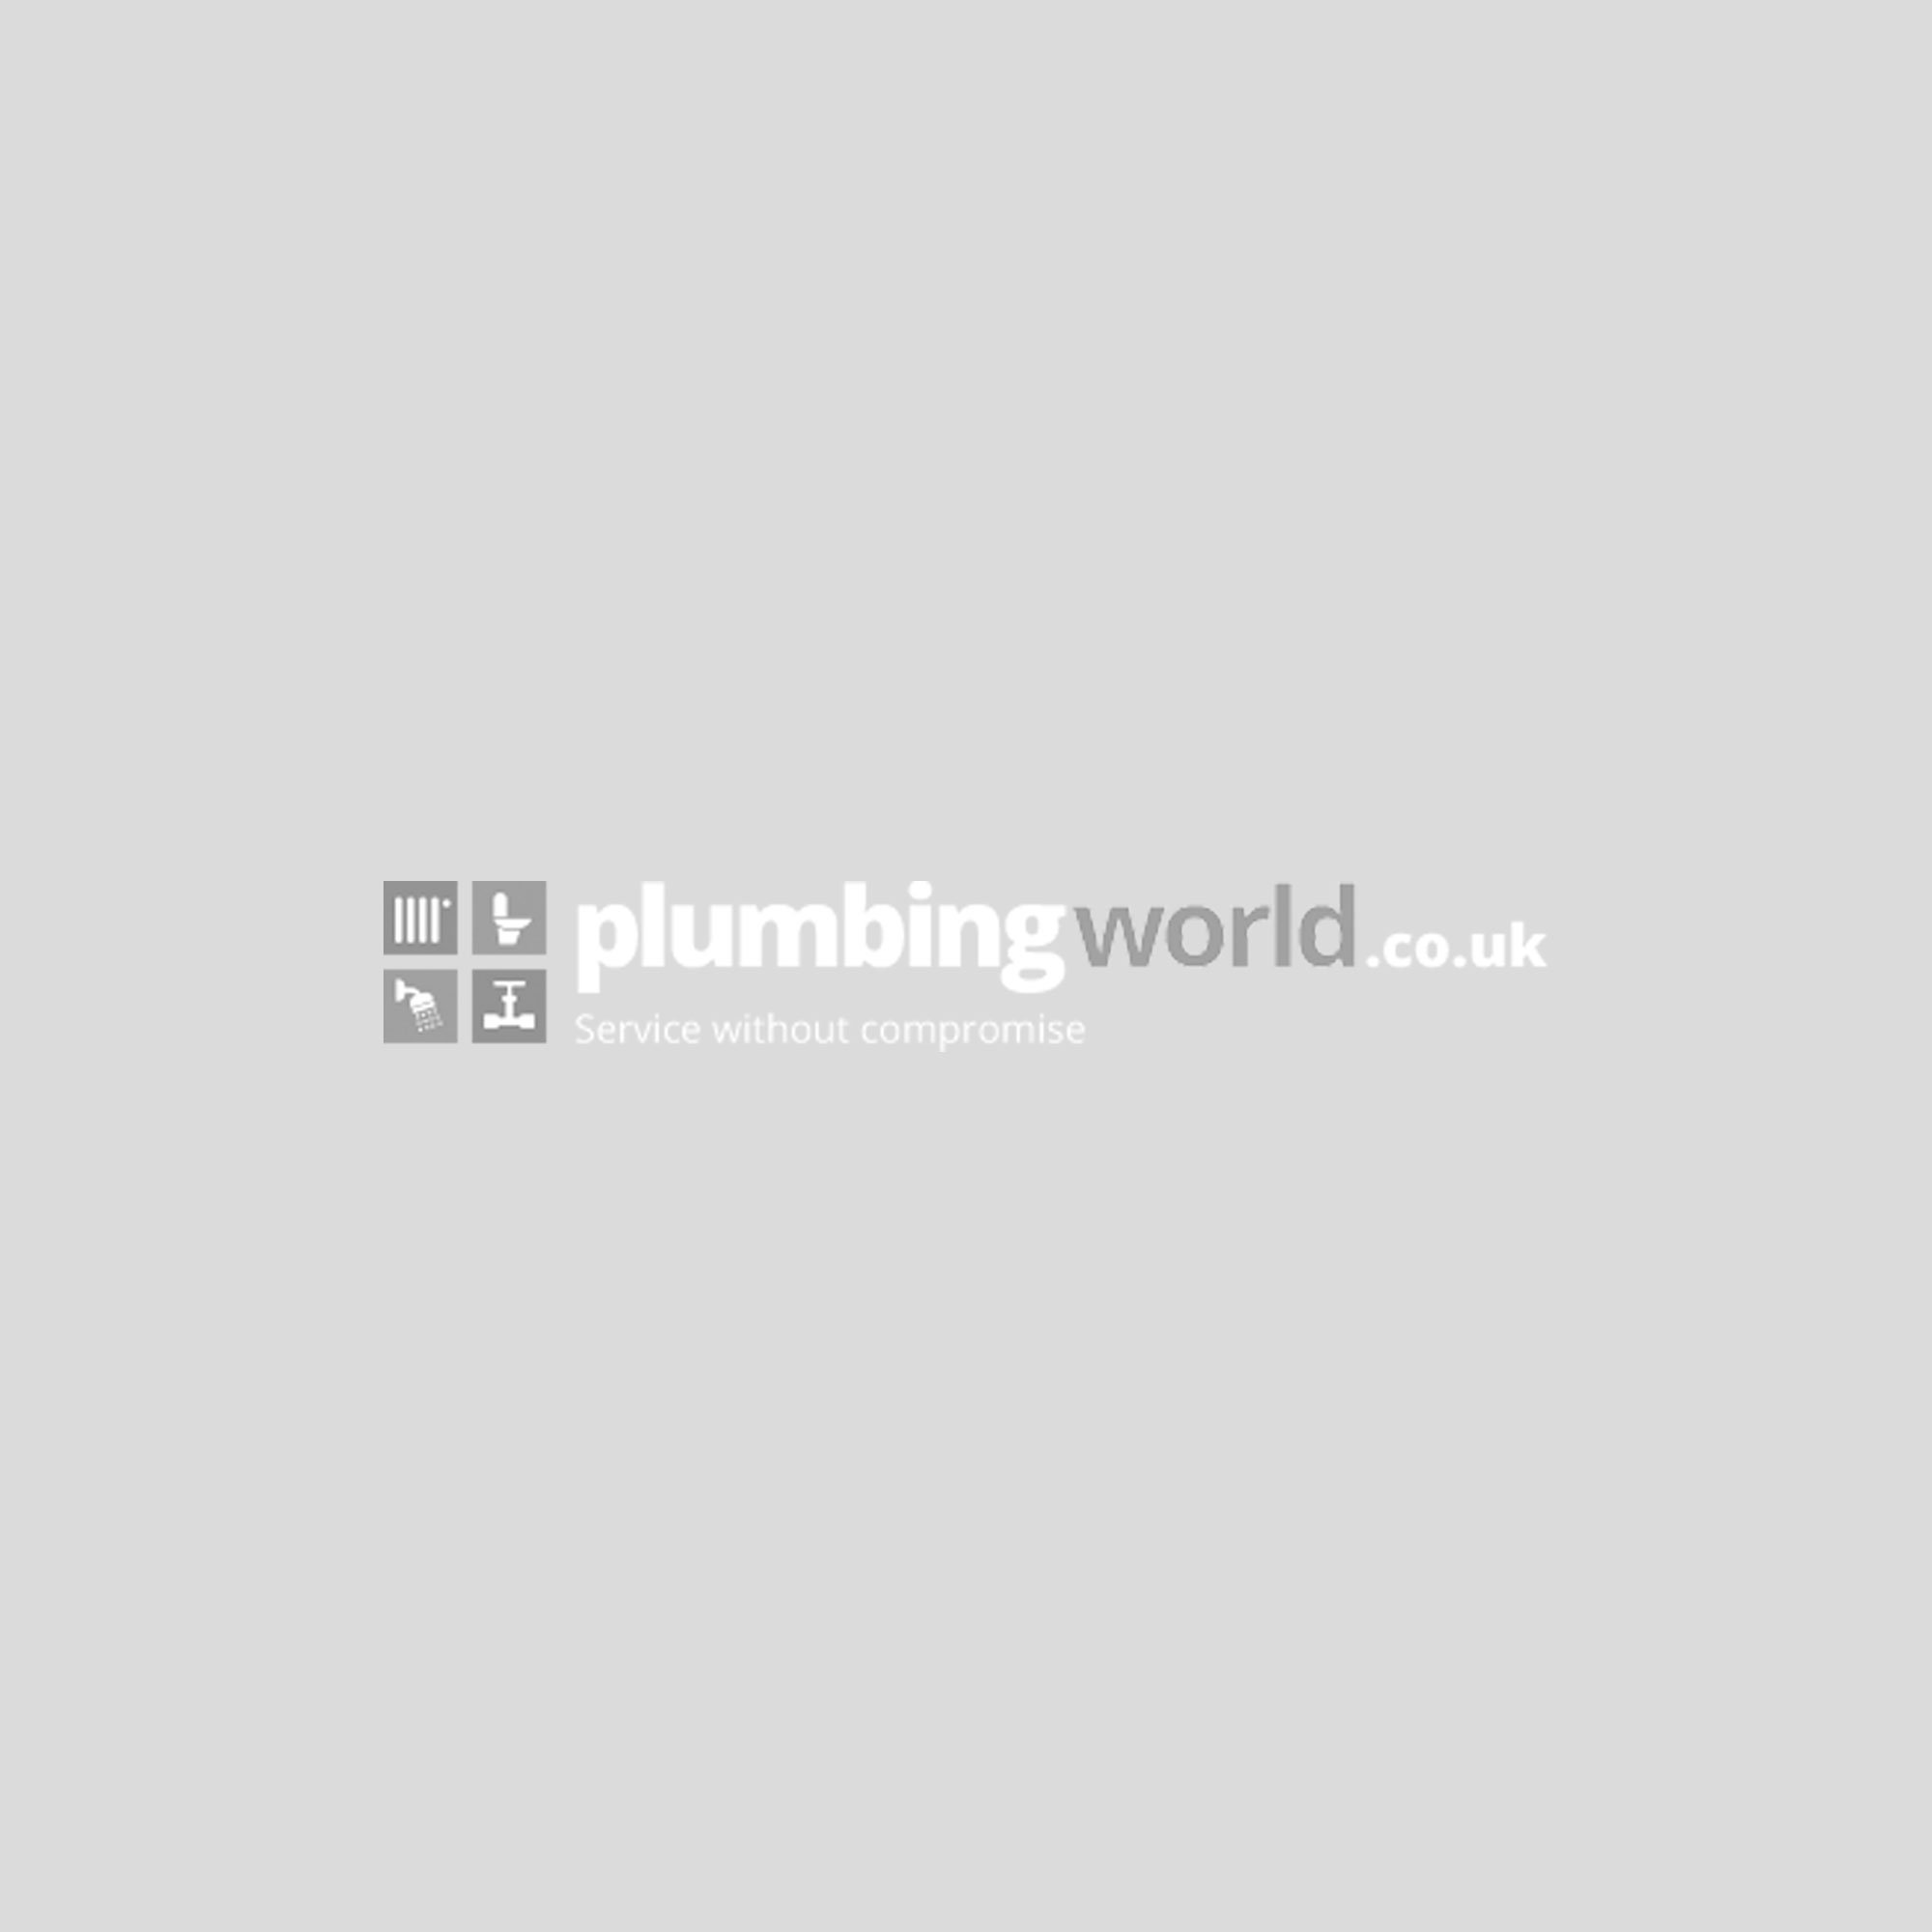 Celmac Crescent Junior Thermoplastic Toilet Seat - Black